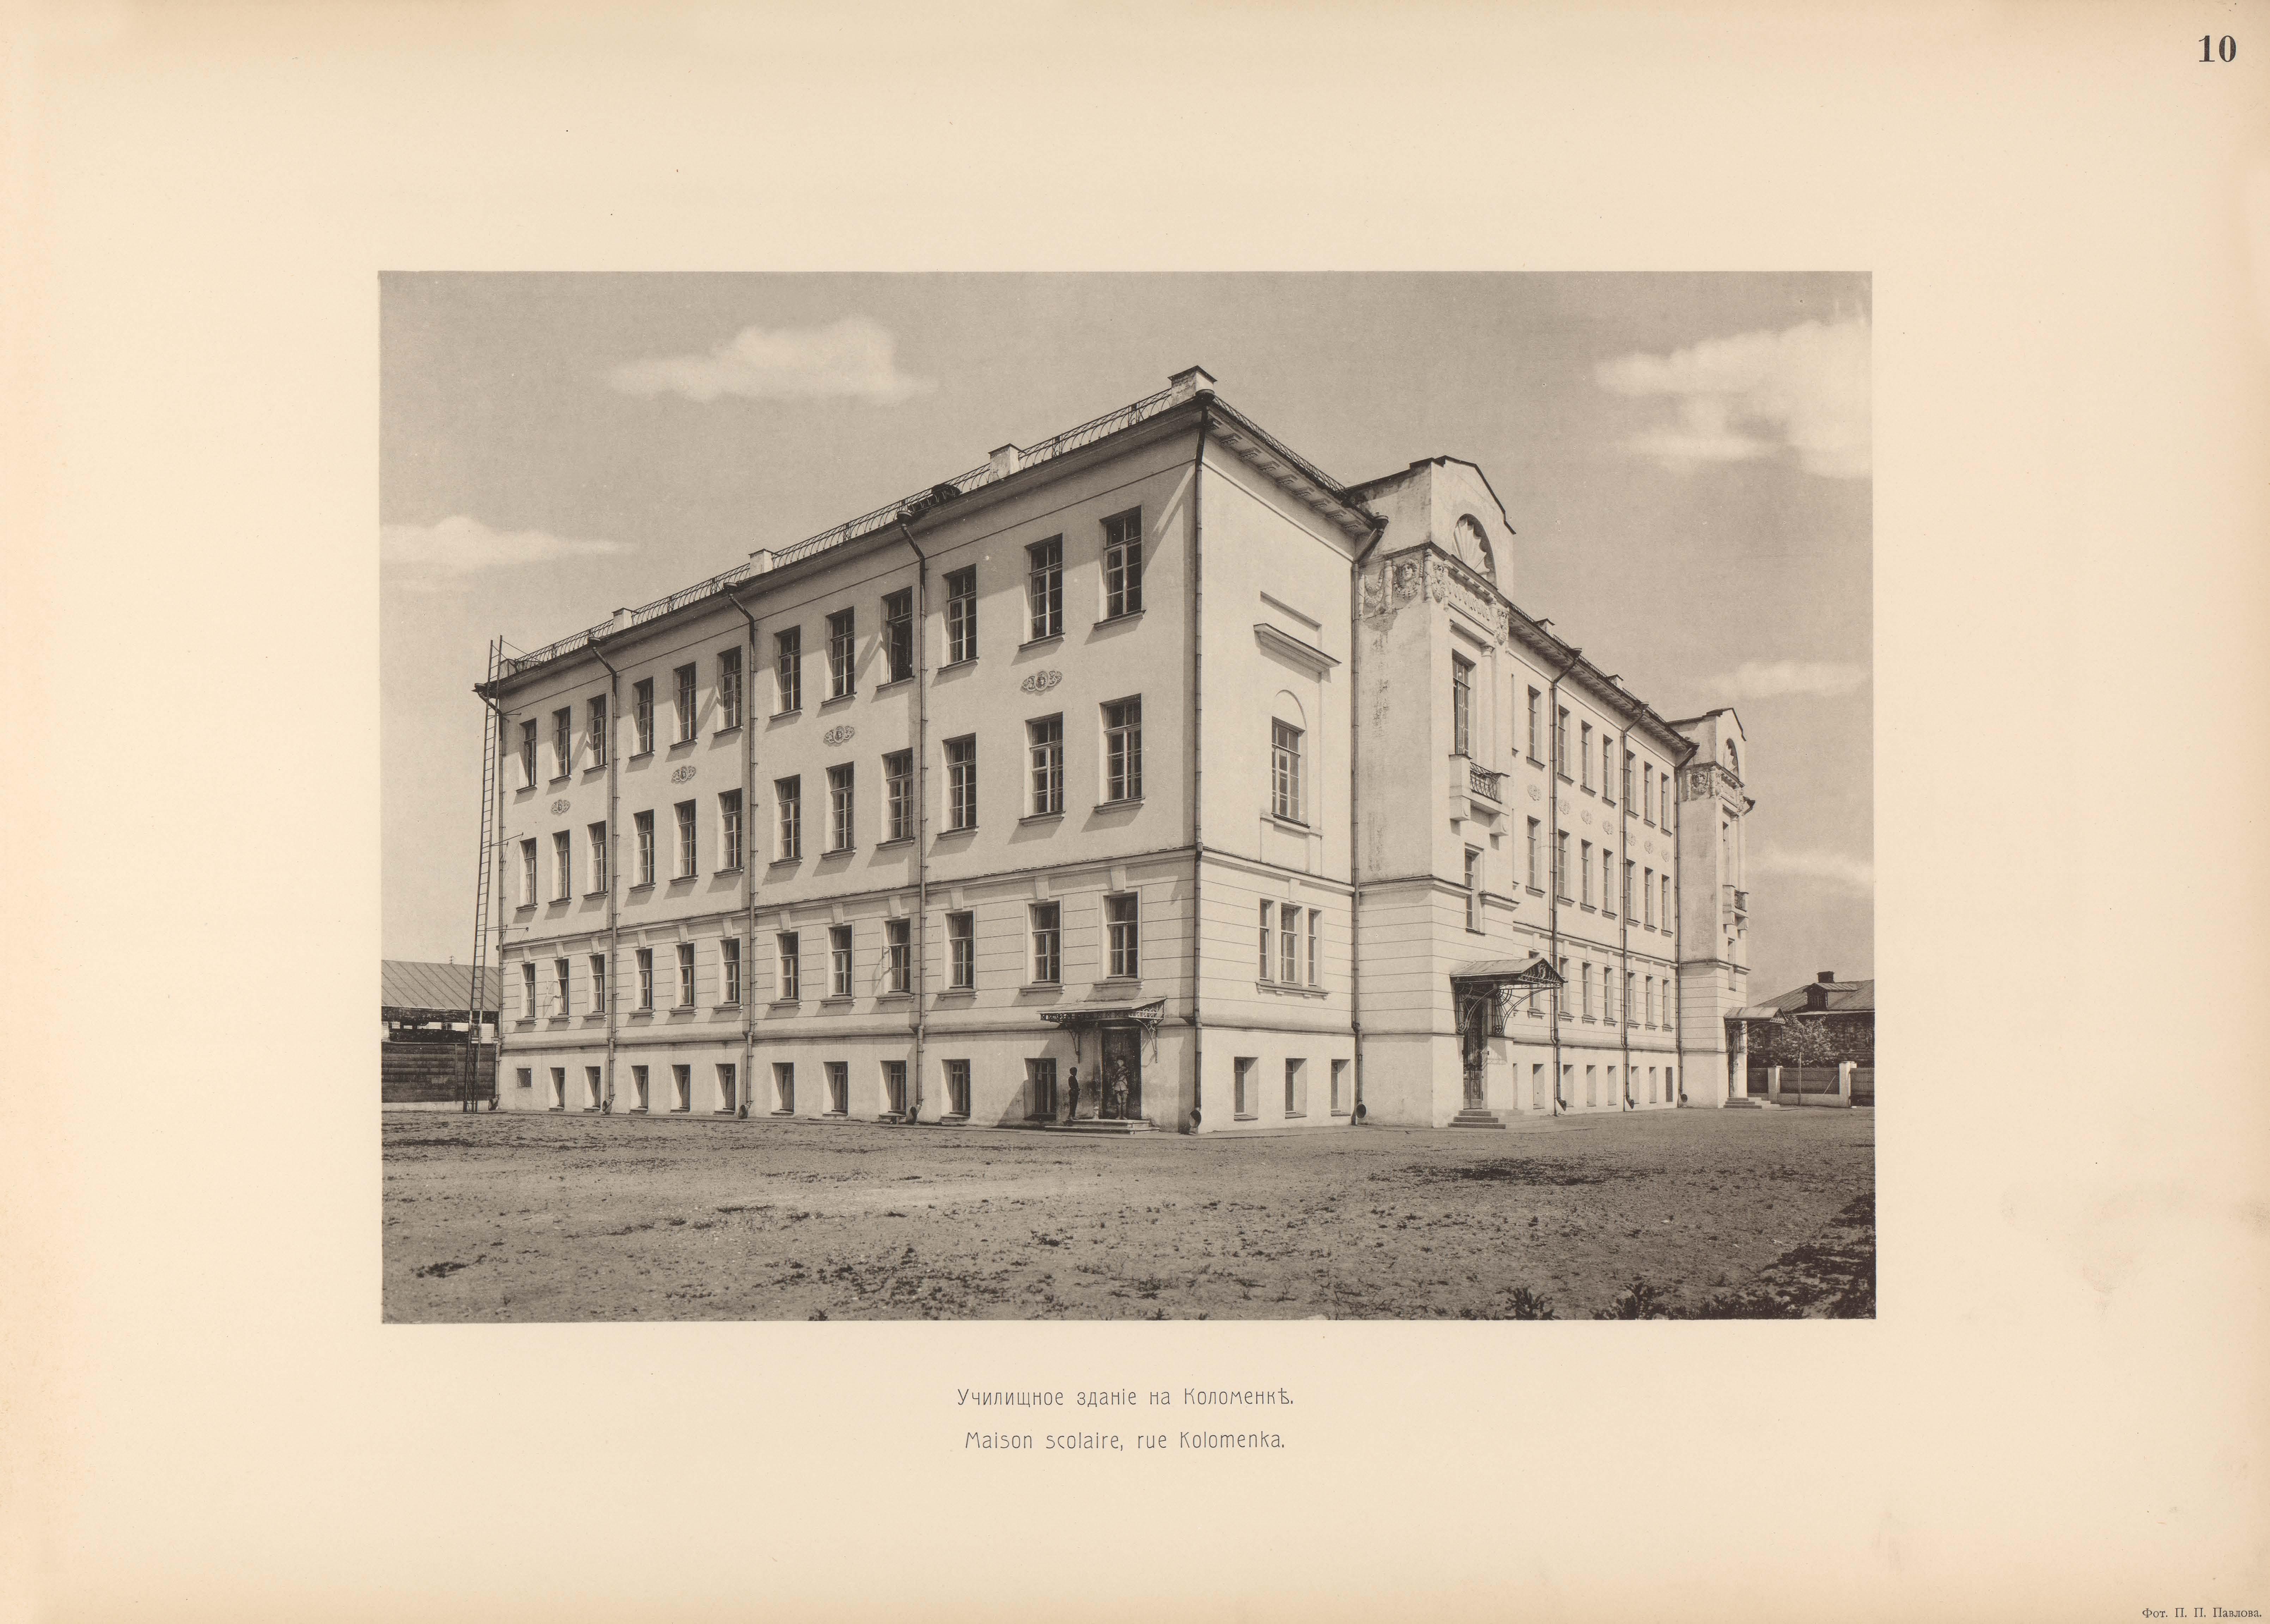 Училищное зданiе на Коломенкѣ